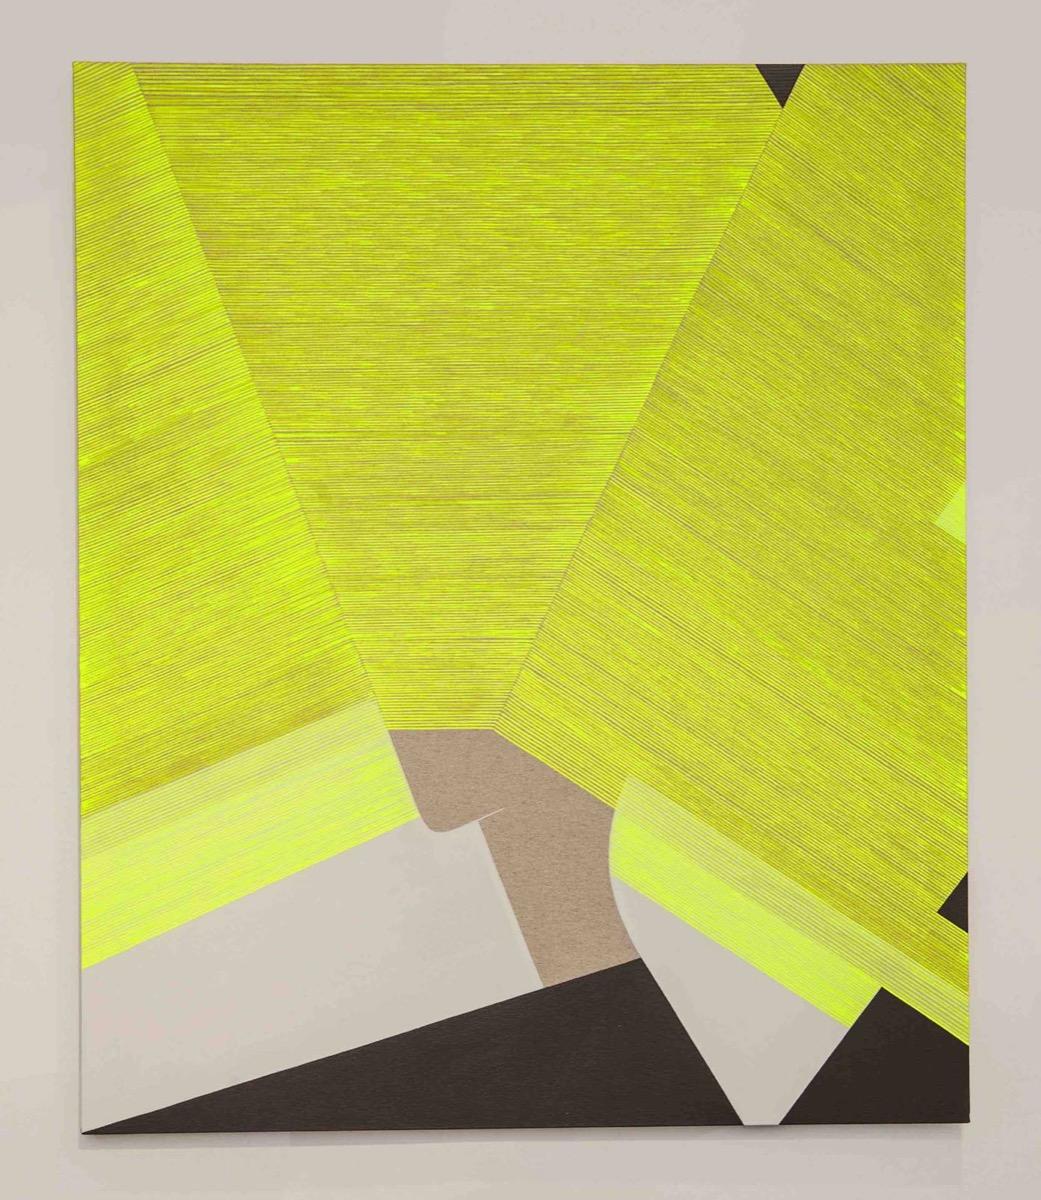 Ester Grossi, Giallo coprente. Acrilico su tela, 120x100cm, 2019.